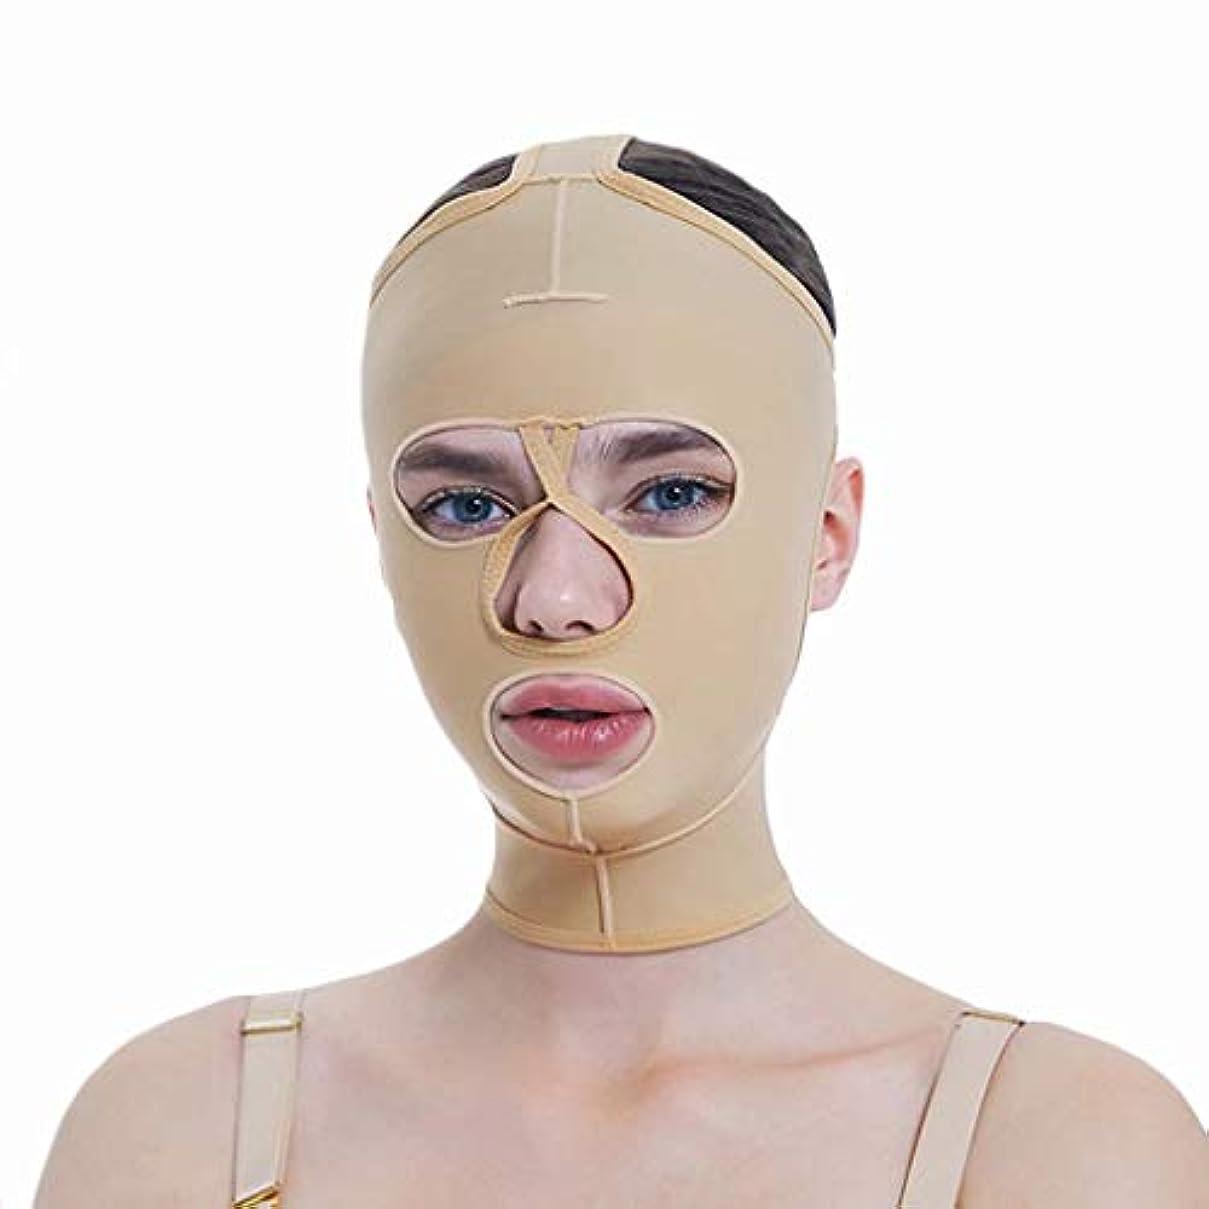 マウンド小麦アルカイックフェイシャル減量マスク、フルカバレッジ包帯、フルフェイスリフティングマスク、フェイスマスク、快適で リフティングシェーピング(サイズ:S),XL